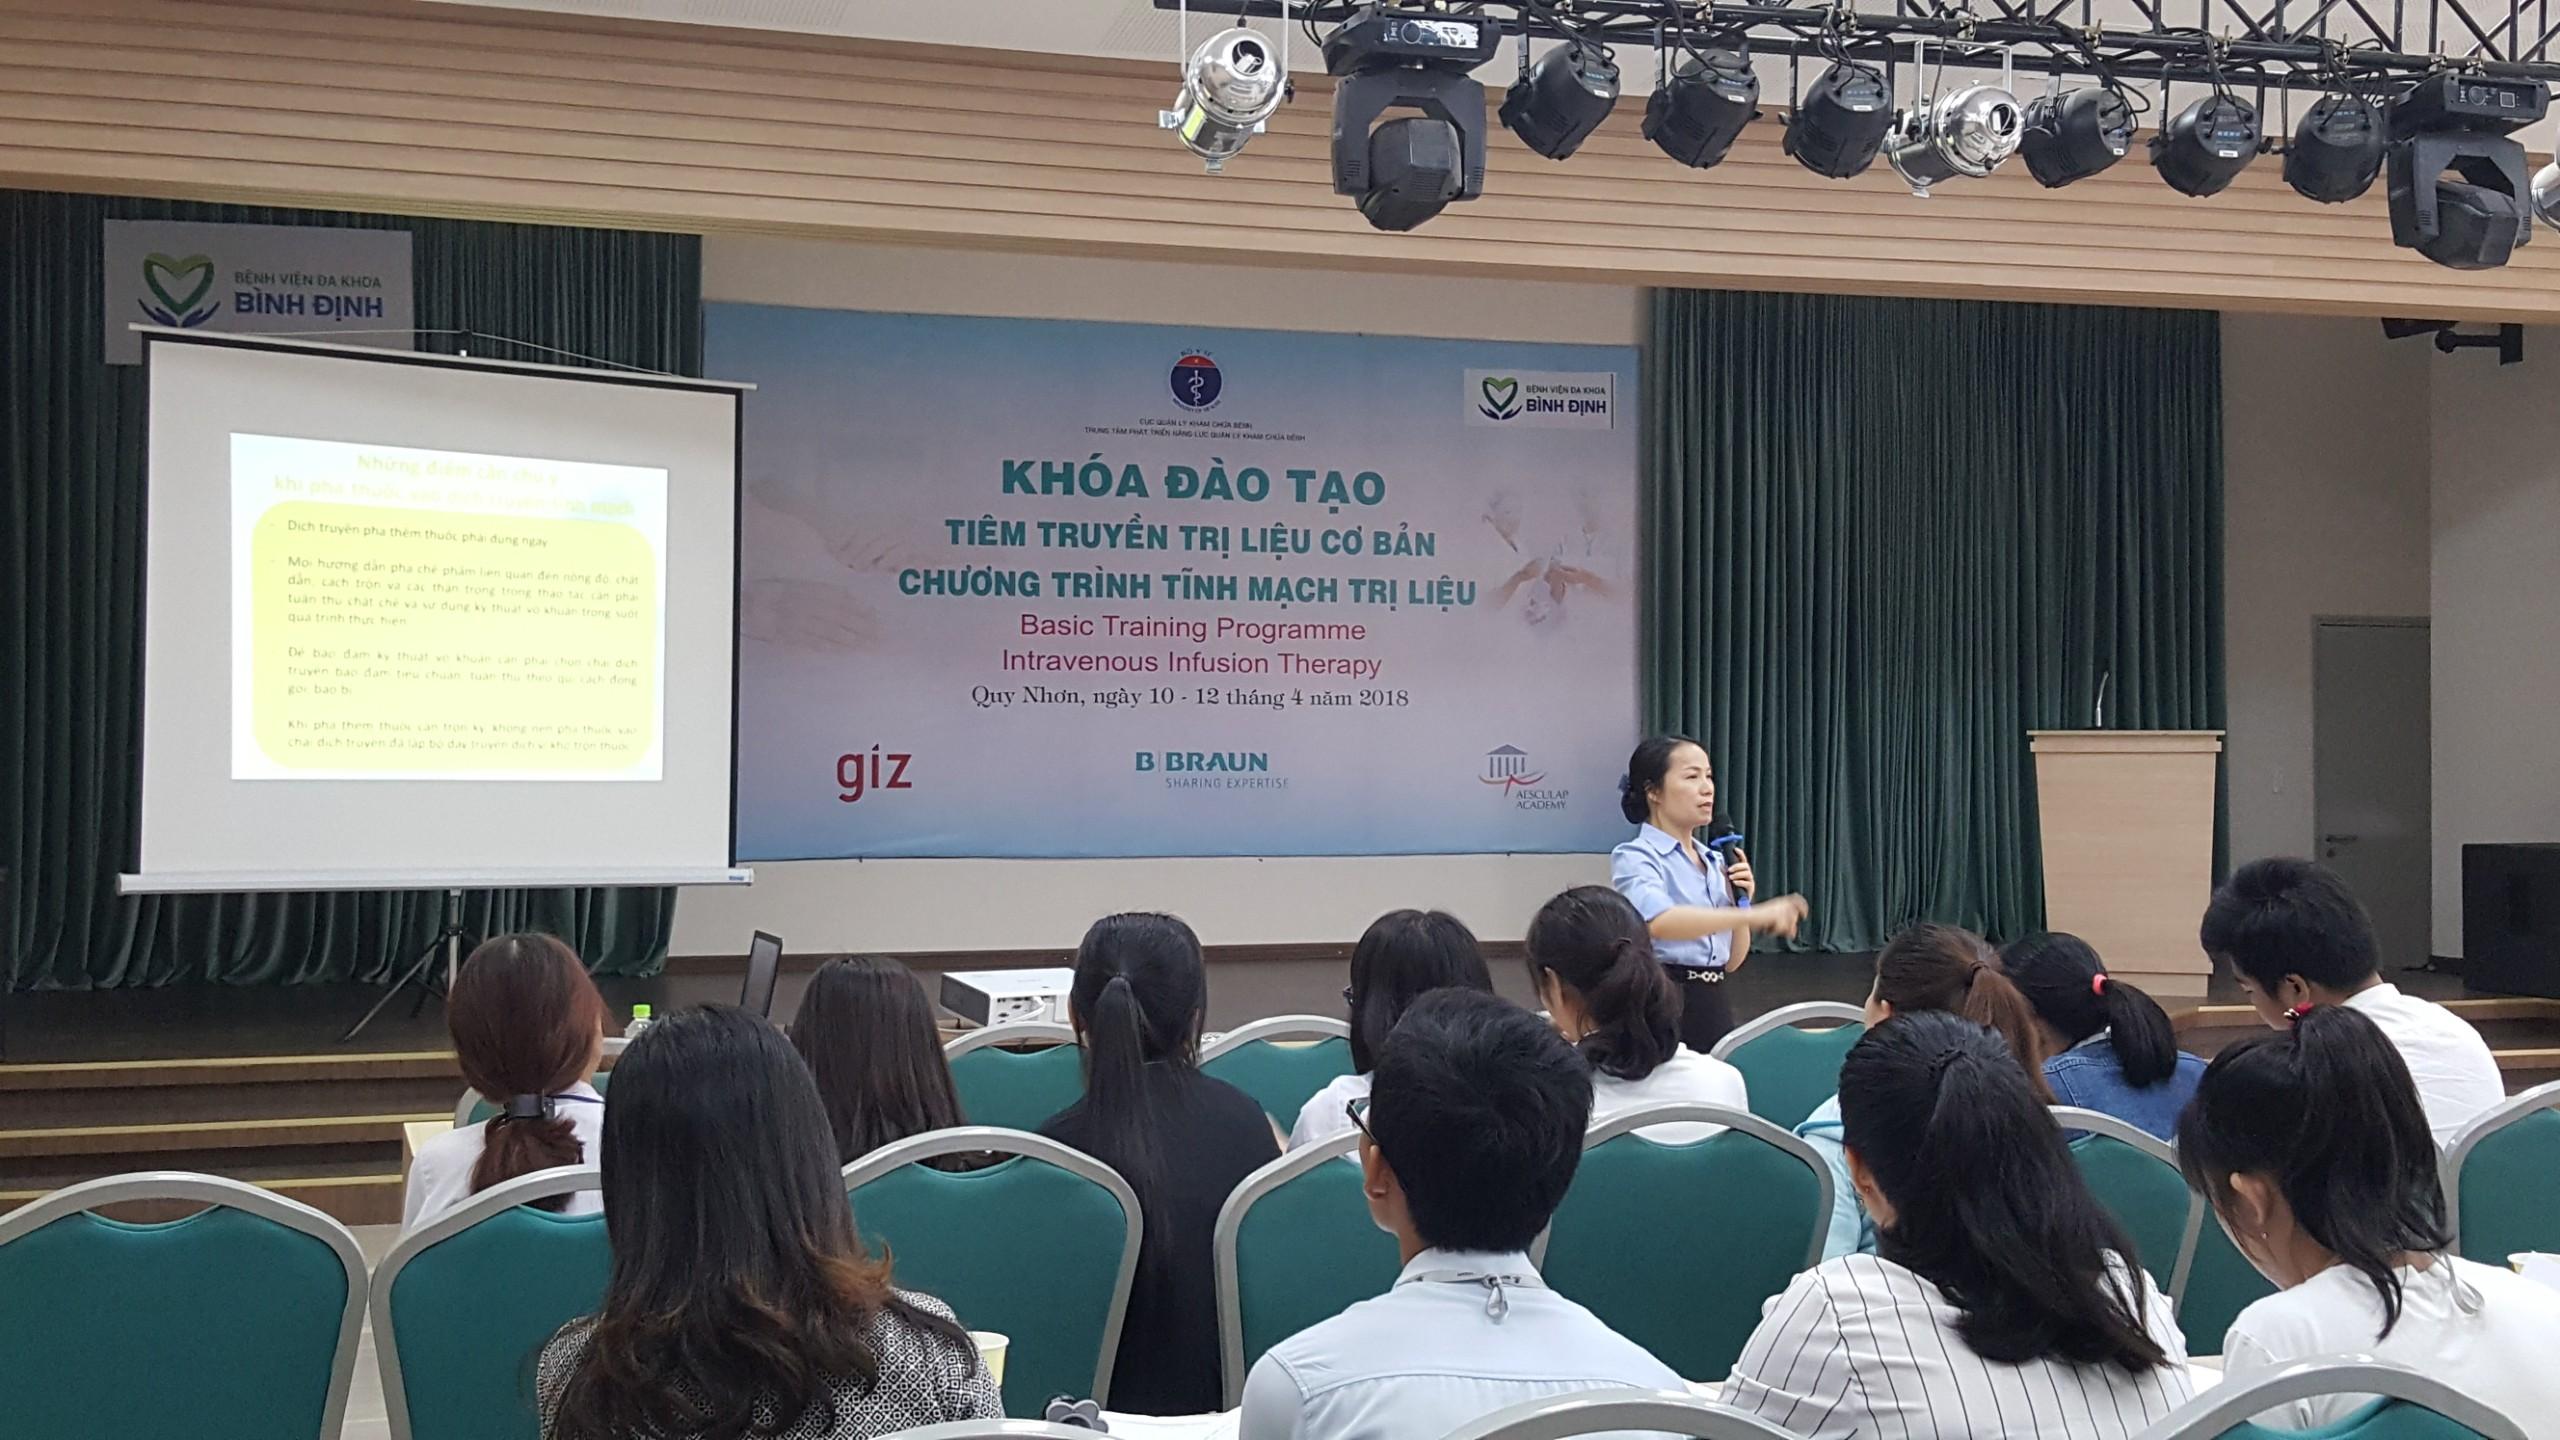 Bệnh viện Đa khoa tỉnh Bình Định tổ chức khóa đào tạo tỉnh mạch trị liệu cơ bản cho Điều dưỡng